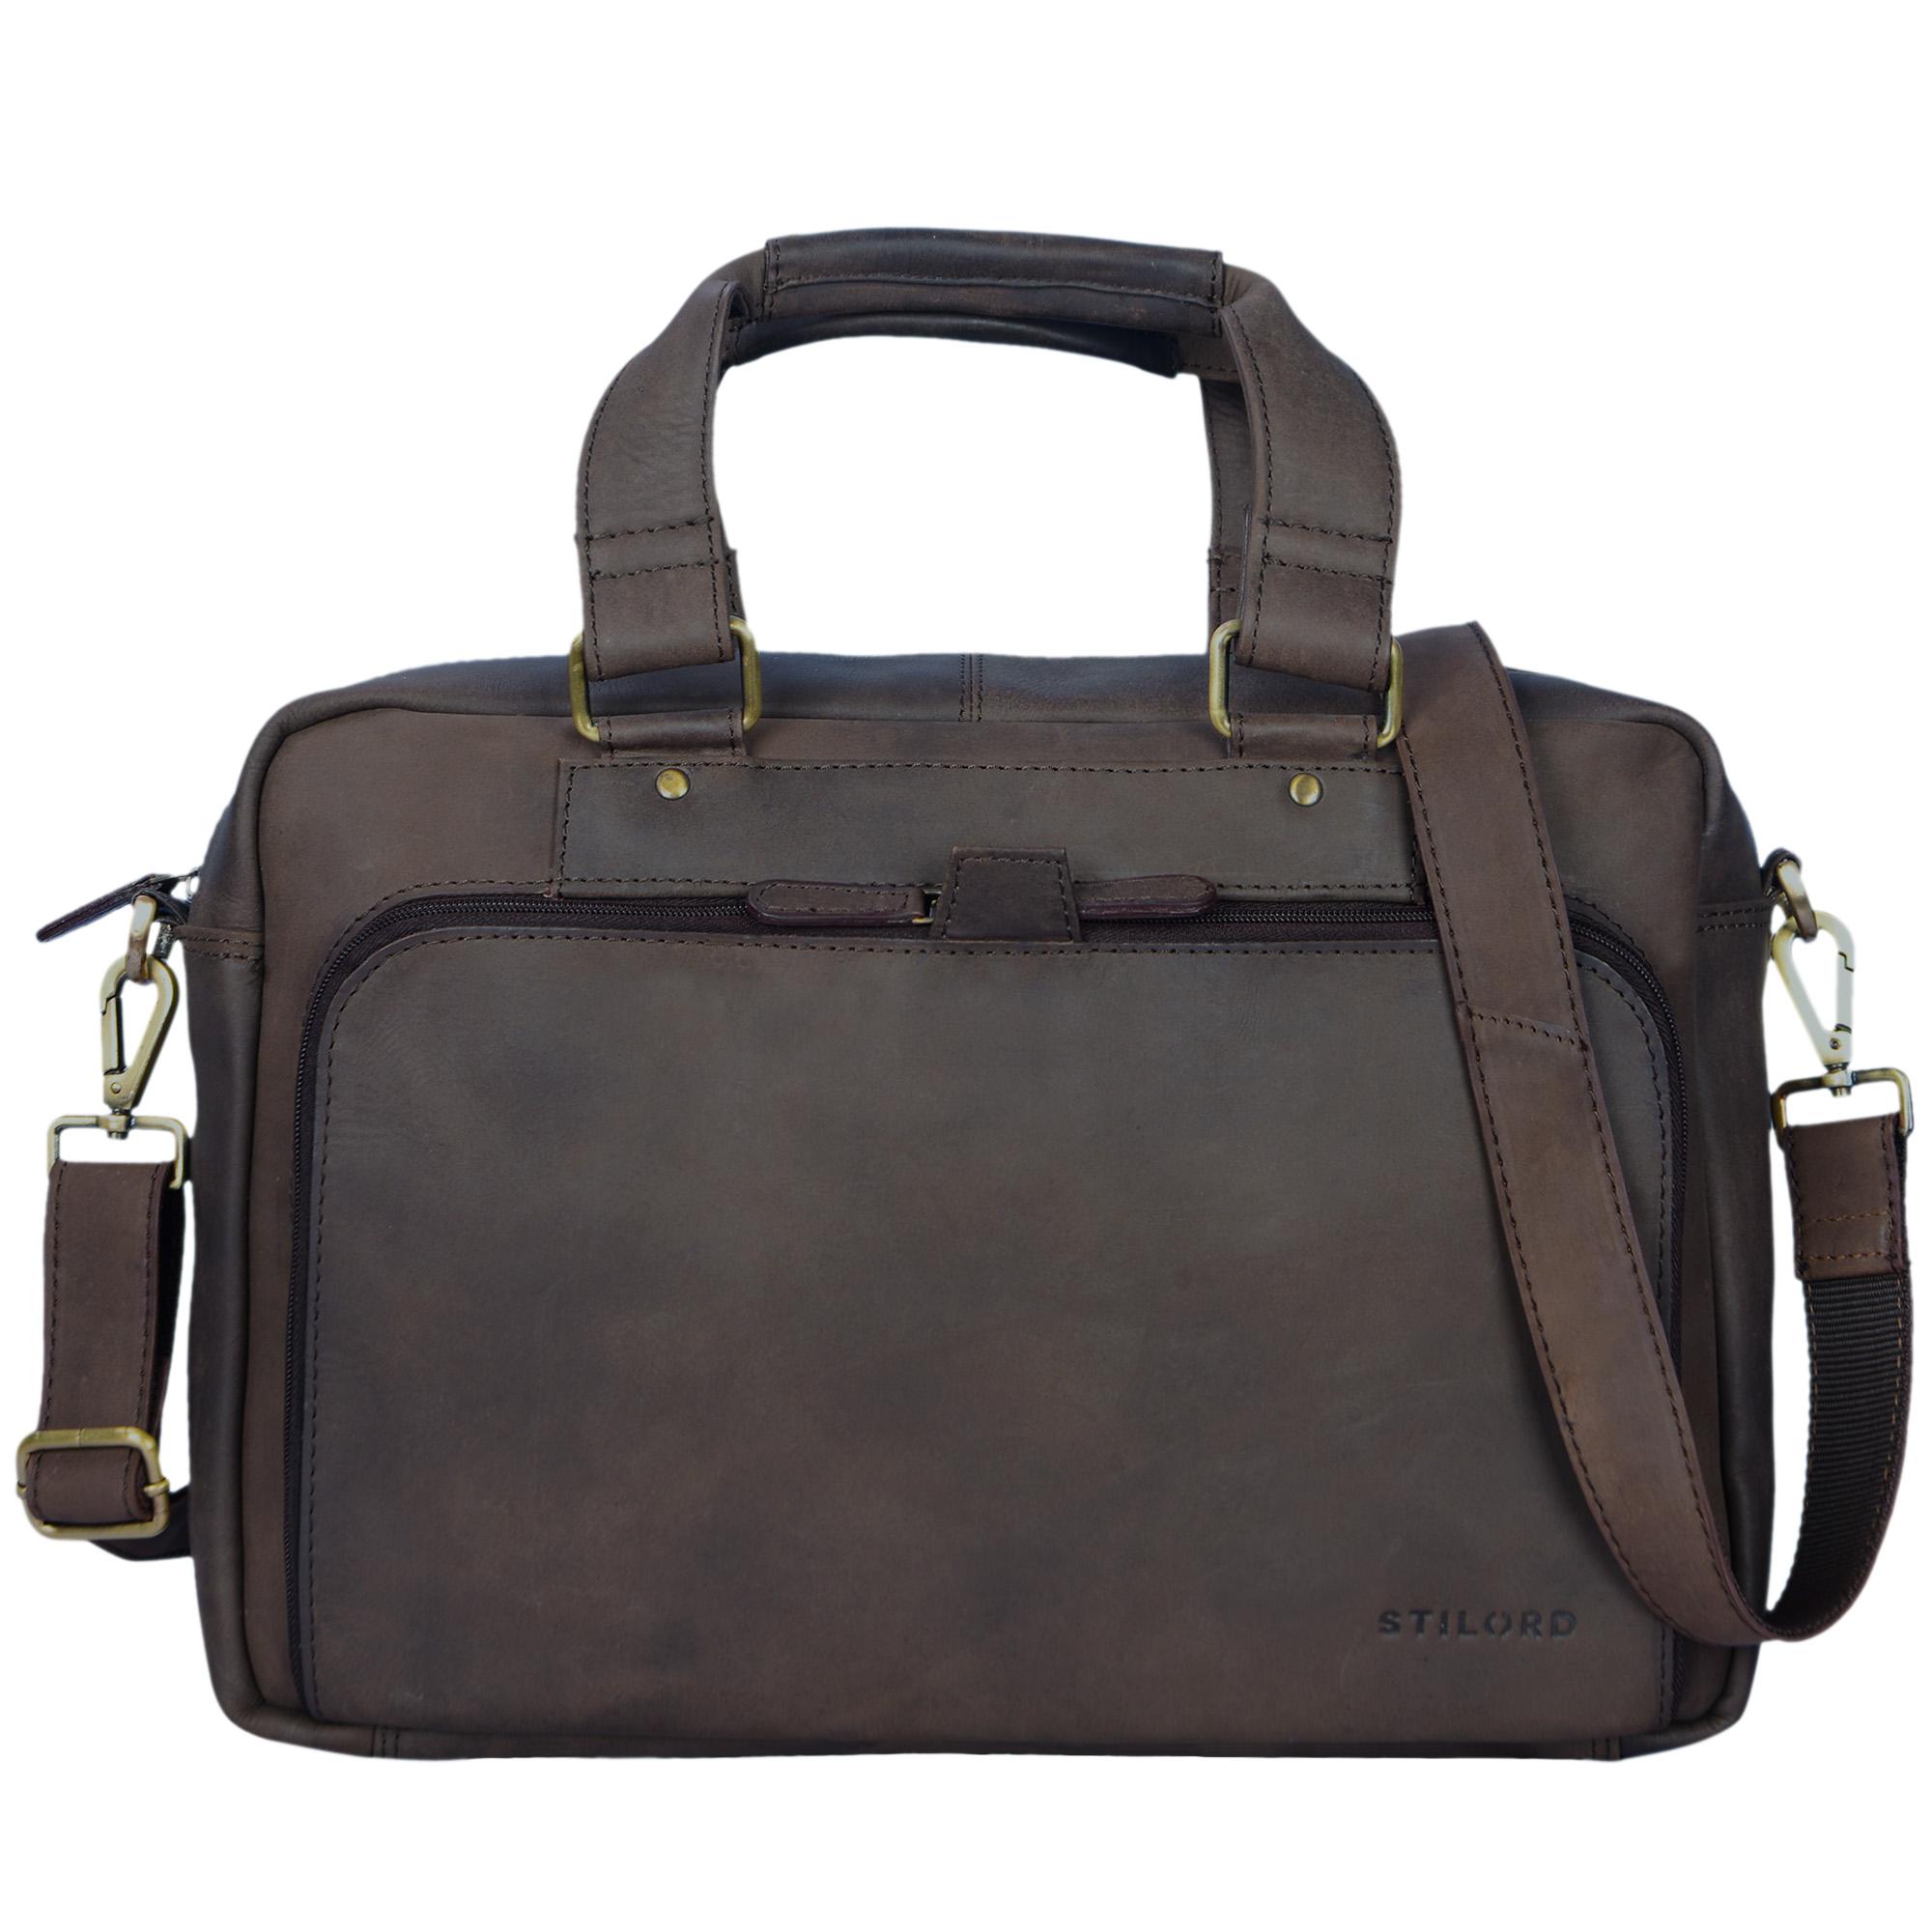 """STILORD """"Jon"""" Vintage Leder Umhängetasche Herren Damen Laptoptasche 15.6 Zoll für große DIN A4 Aktenordner Business Büro Arbeit Uni echtes Büffelleder - Bild 9"""